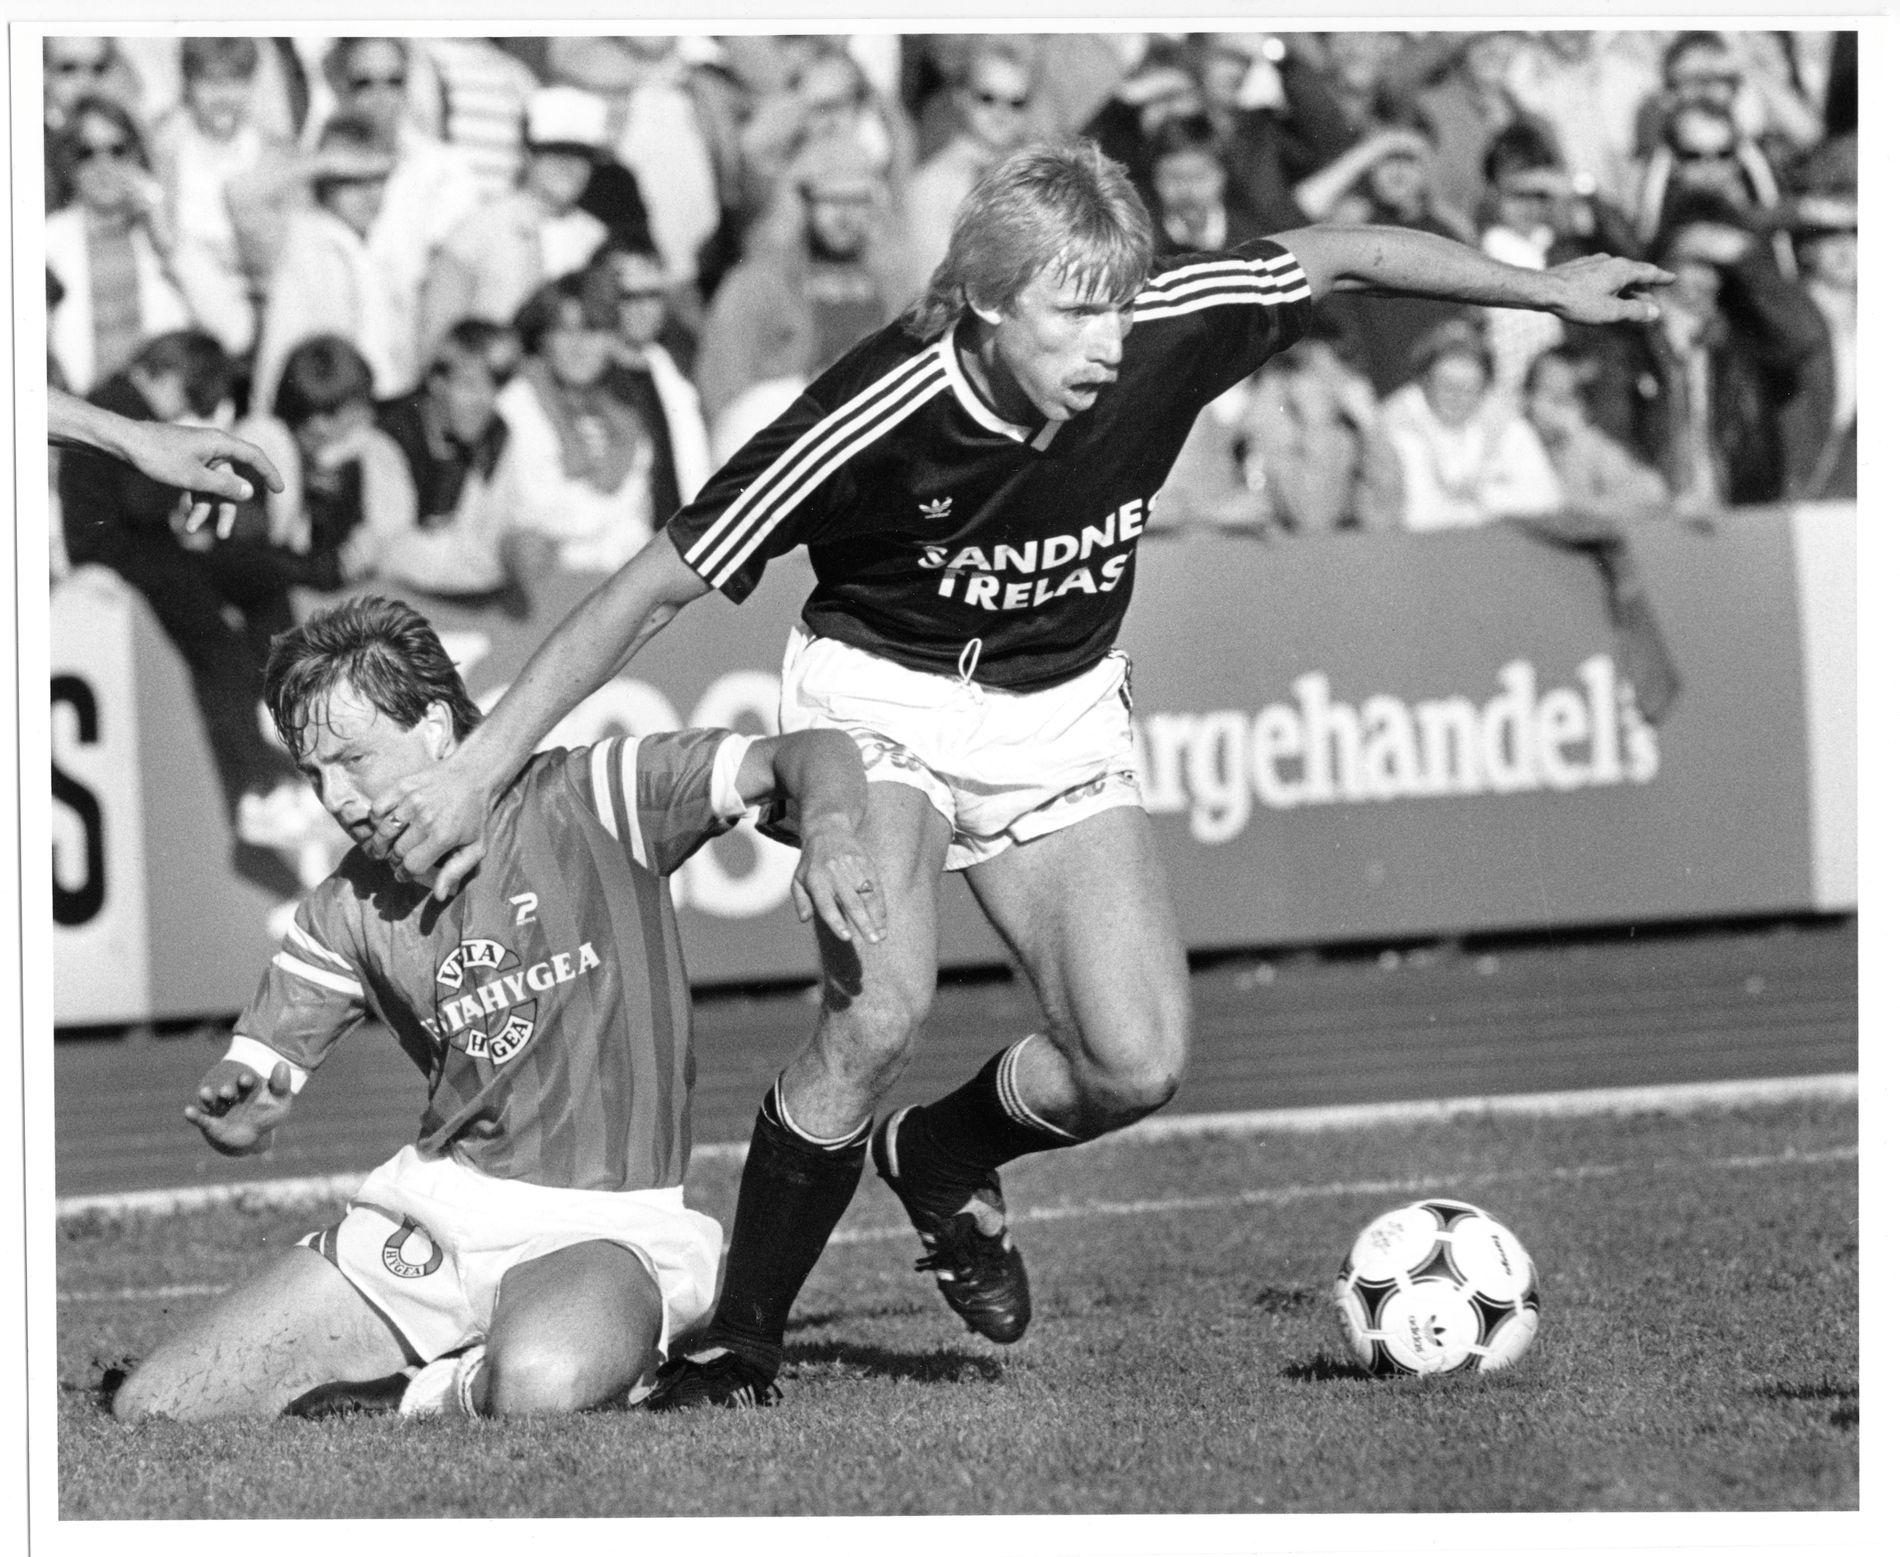 PAPPA RISA: Klassisk oppgjør på Vestlandet i 1985. Branns Terje Risa (t.v.) i duell med Viking-spiller Nils Ove Hellvik i sort/hvitt-tiden.